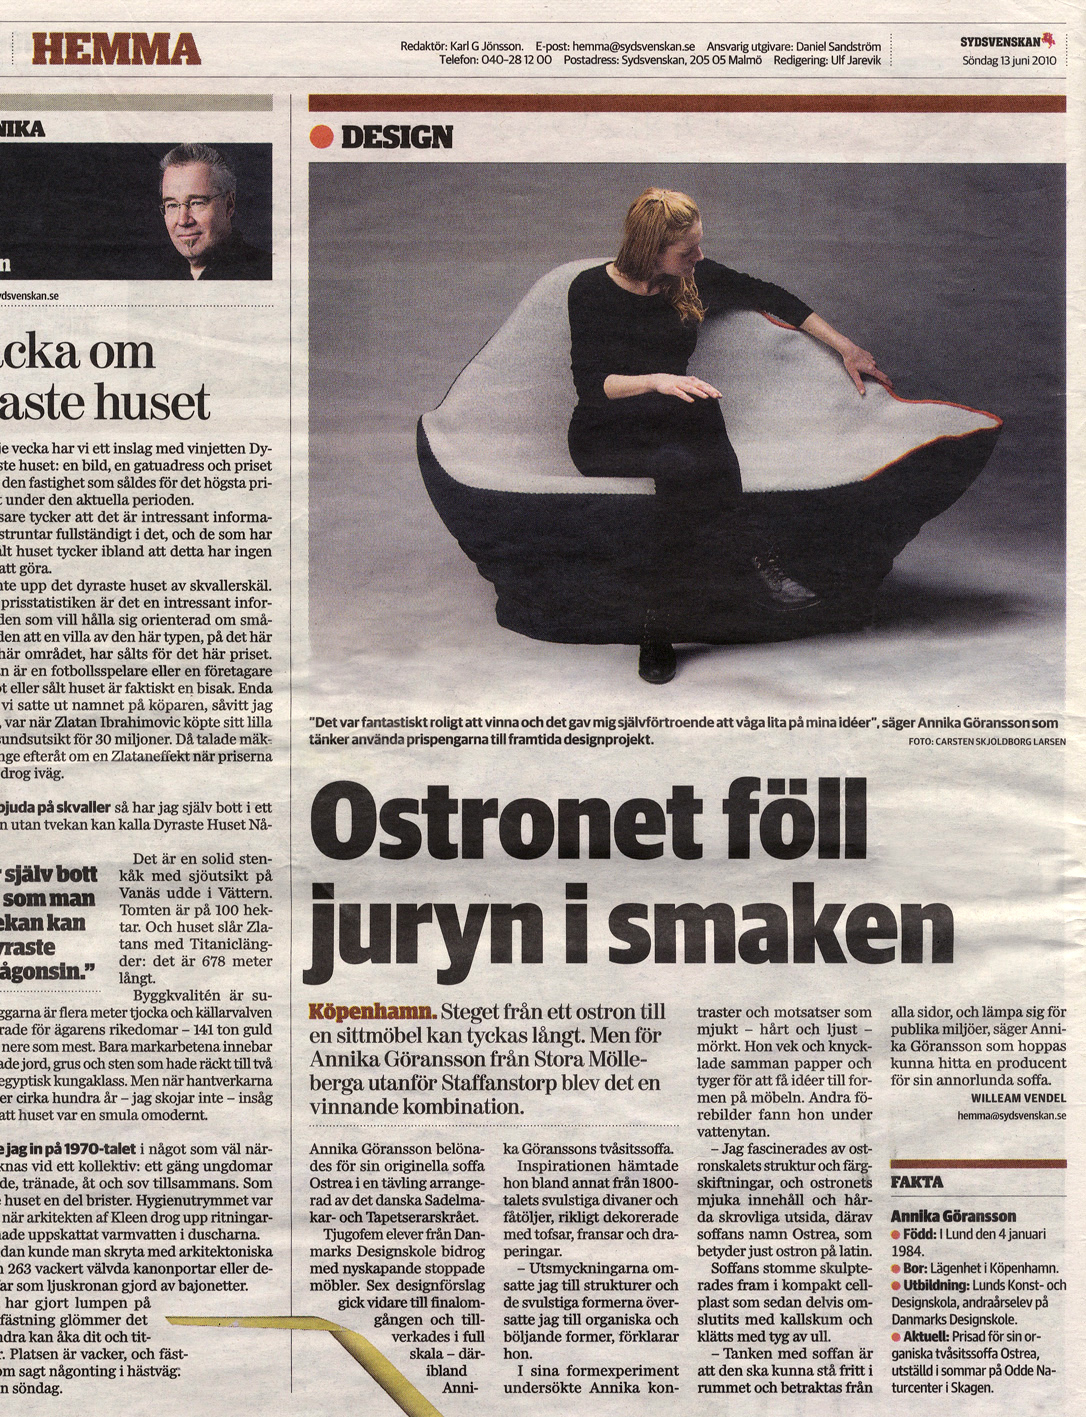 Article in Swedish newspaper  Sydsvenskan.